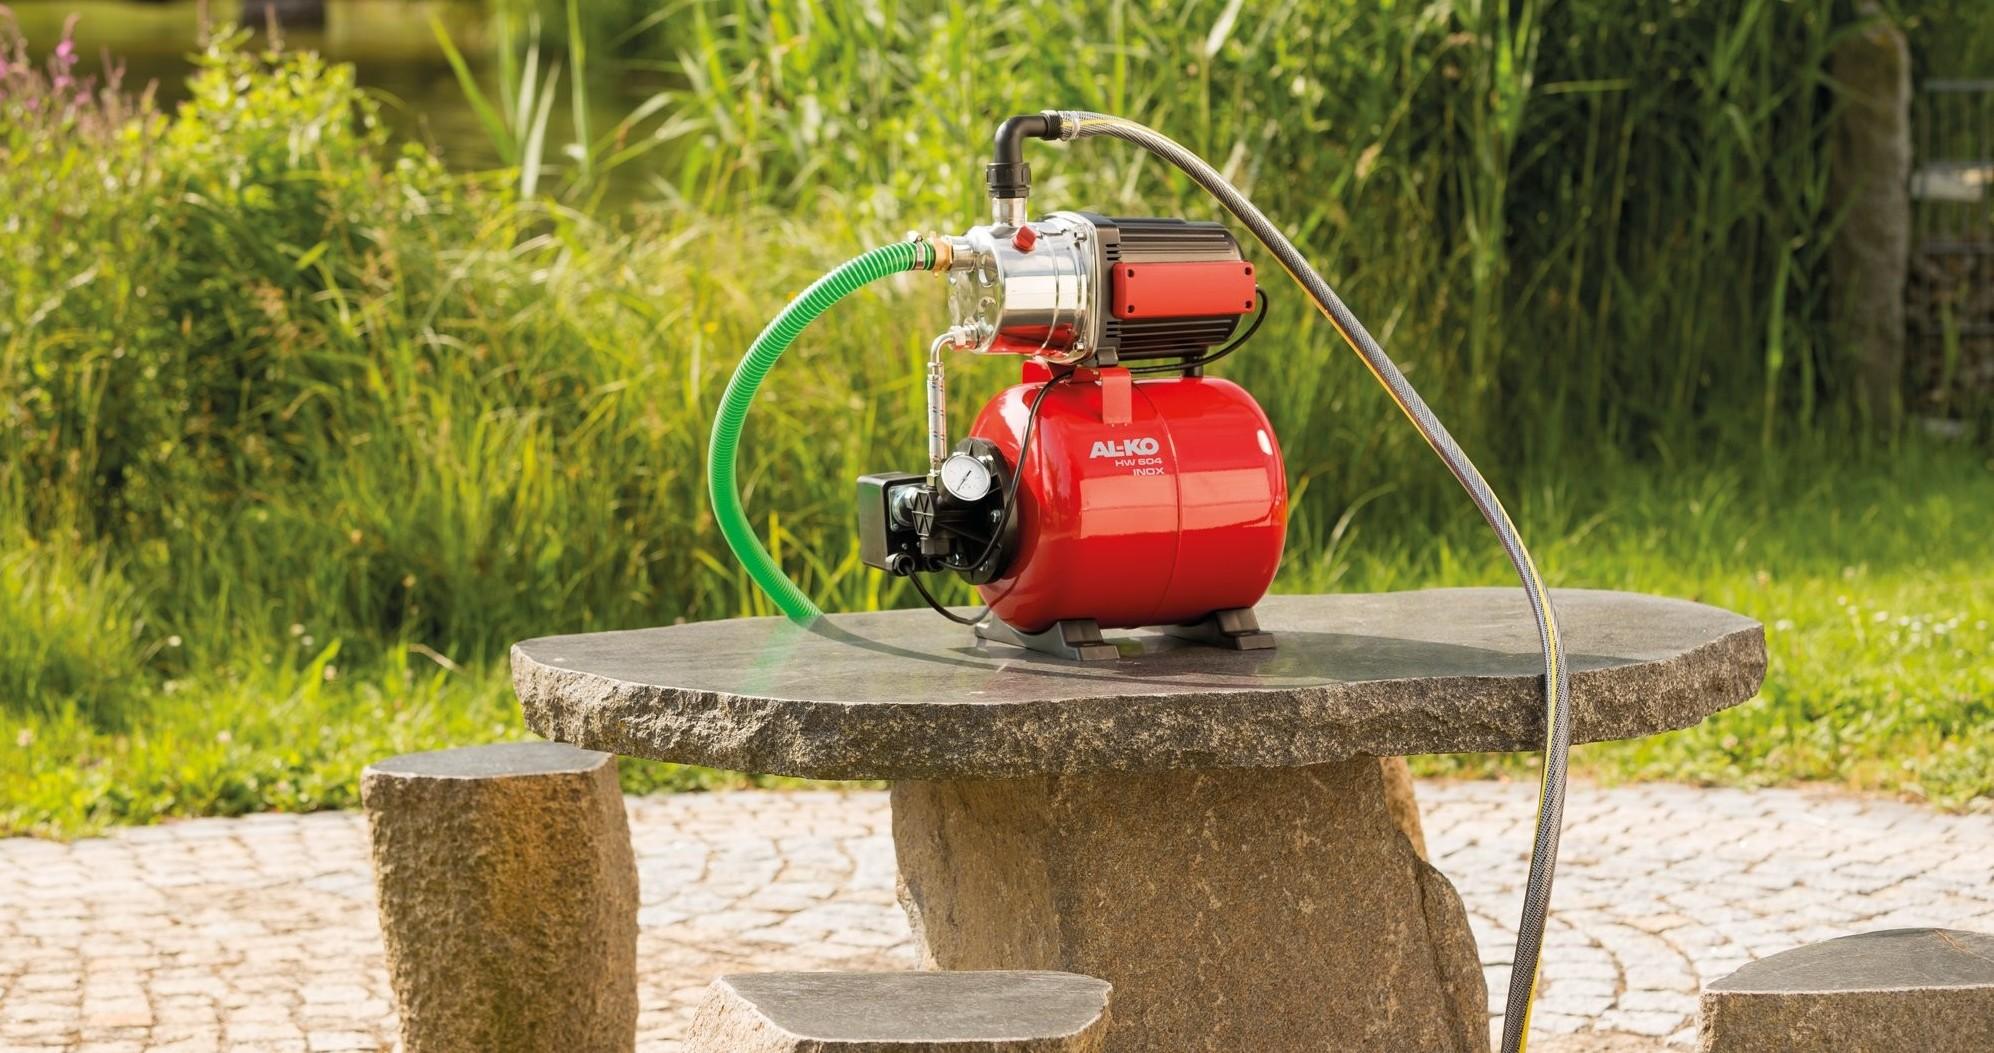 Стабилизатор давления воды: что это, где купить выравниватель и сколько он стоит, как установить в системе водоснабжения?